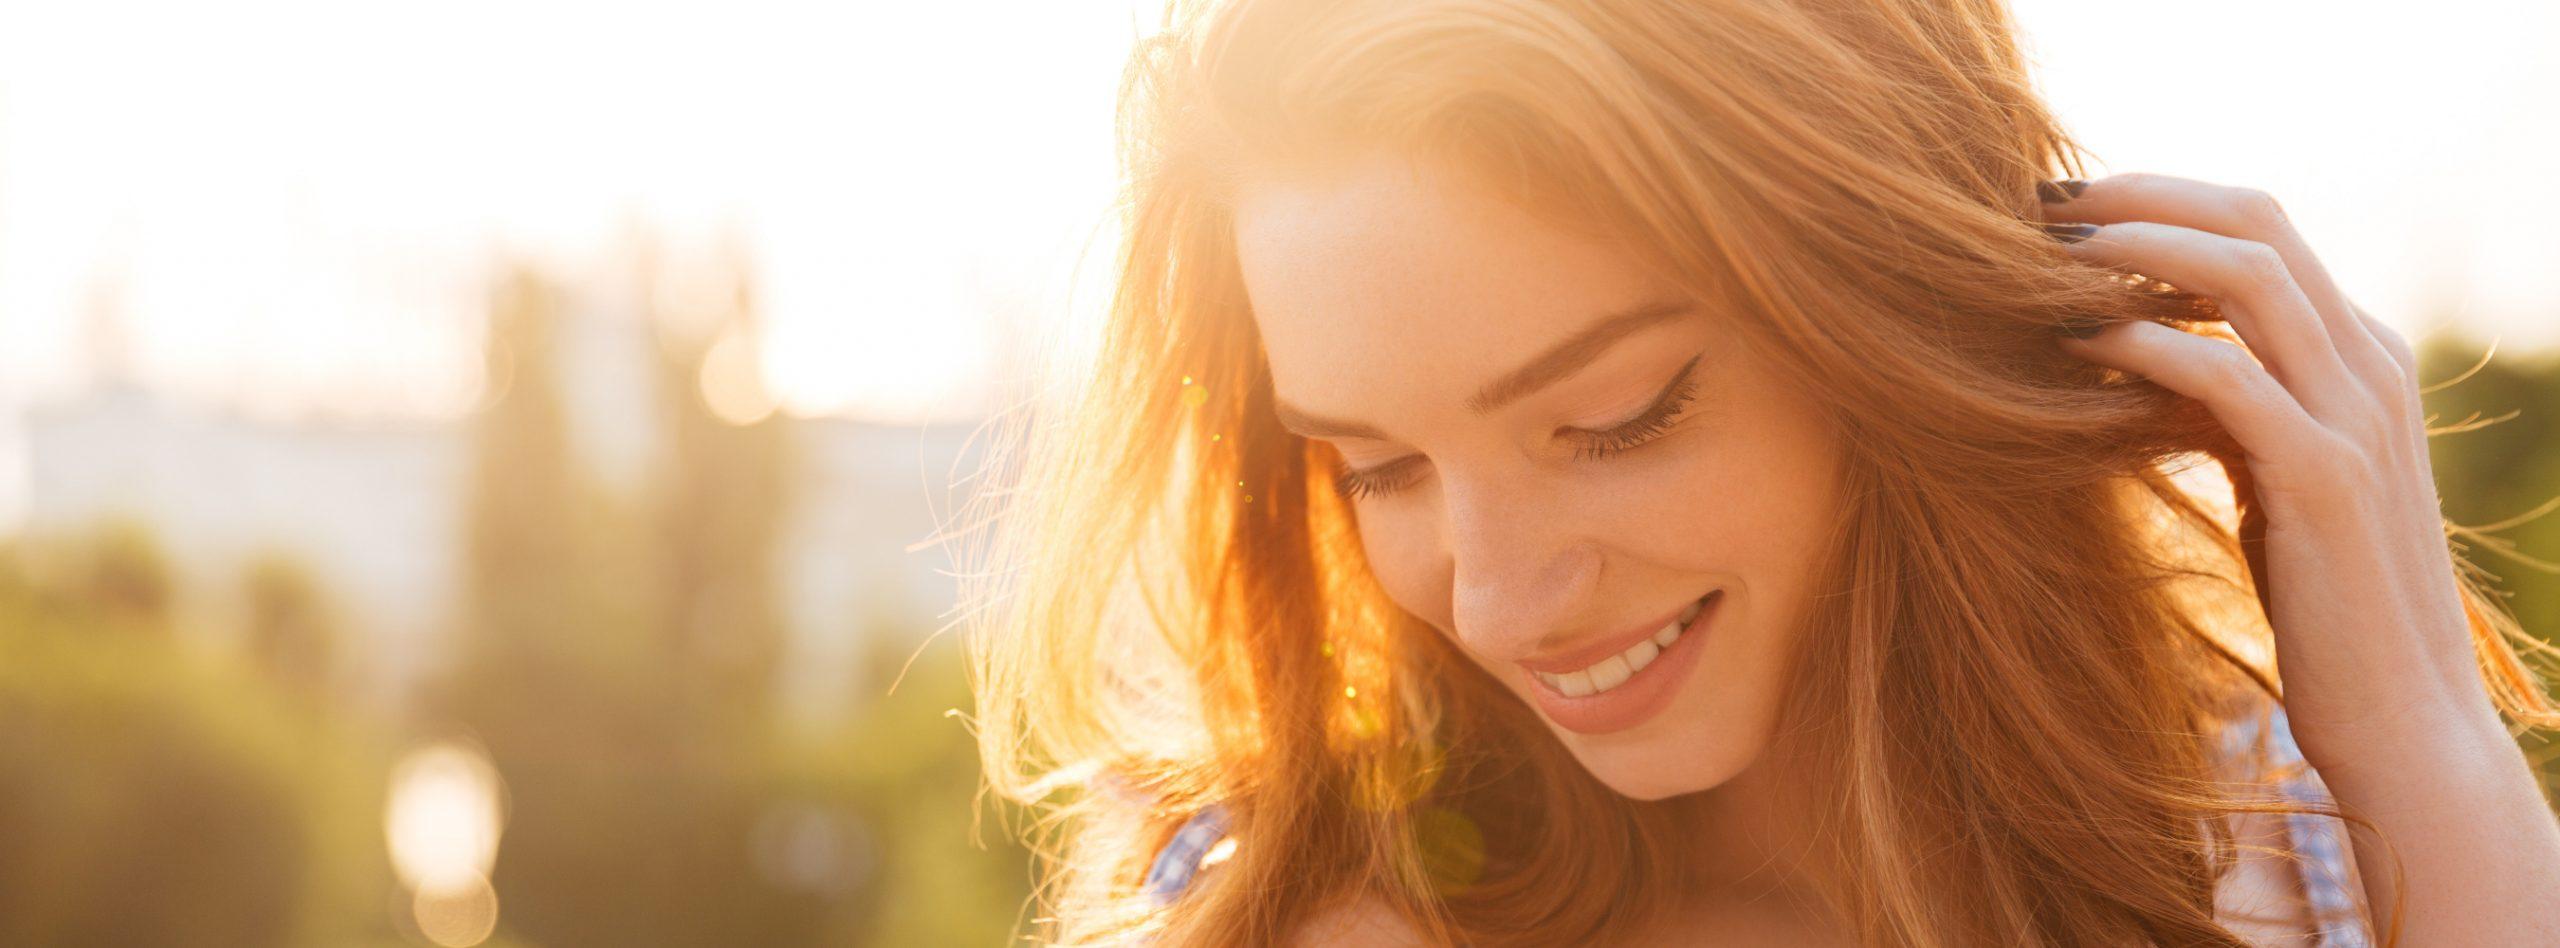 Lächelnde Rothaarige im Sonnenlicht